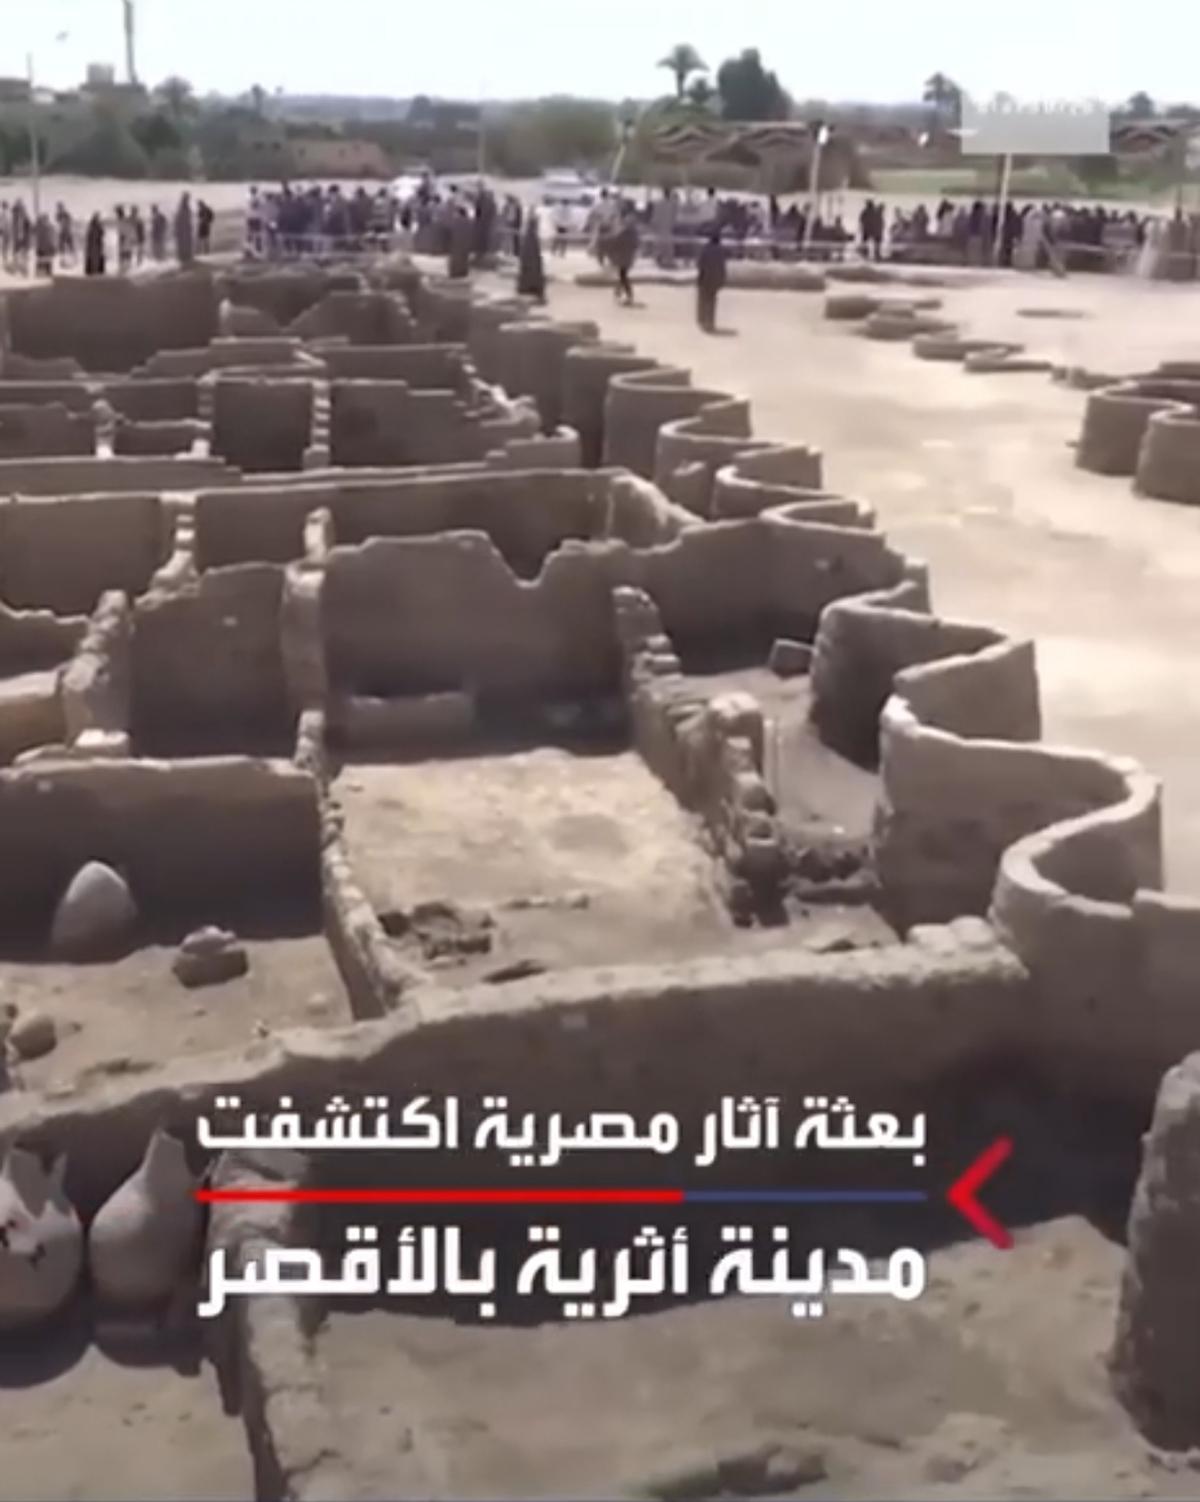 کشف شهر سه هزارساله « آتون»در مصر + ویدئو